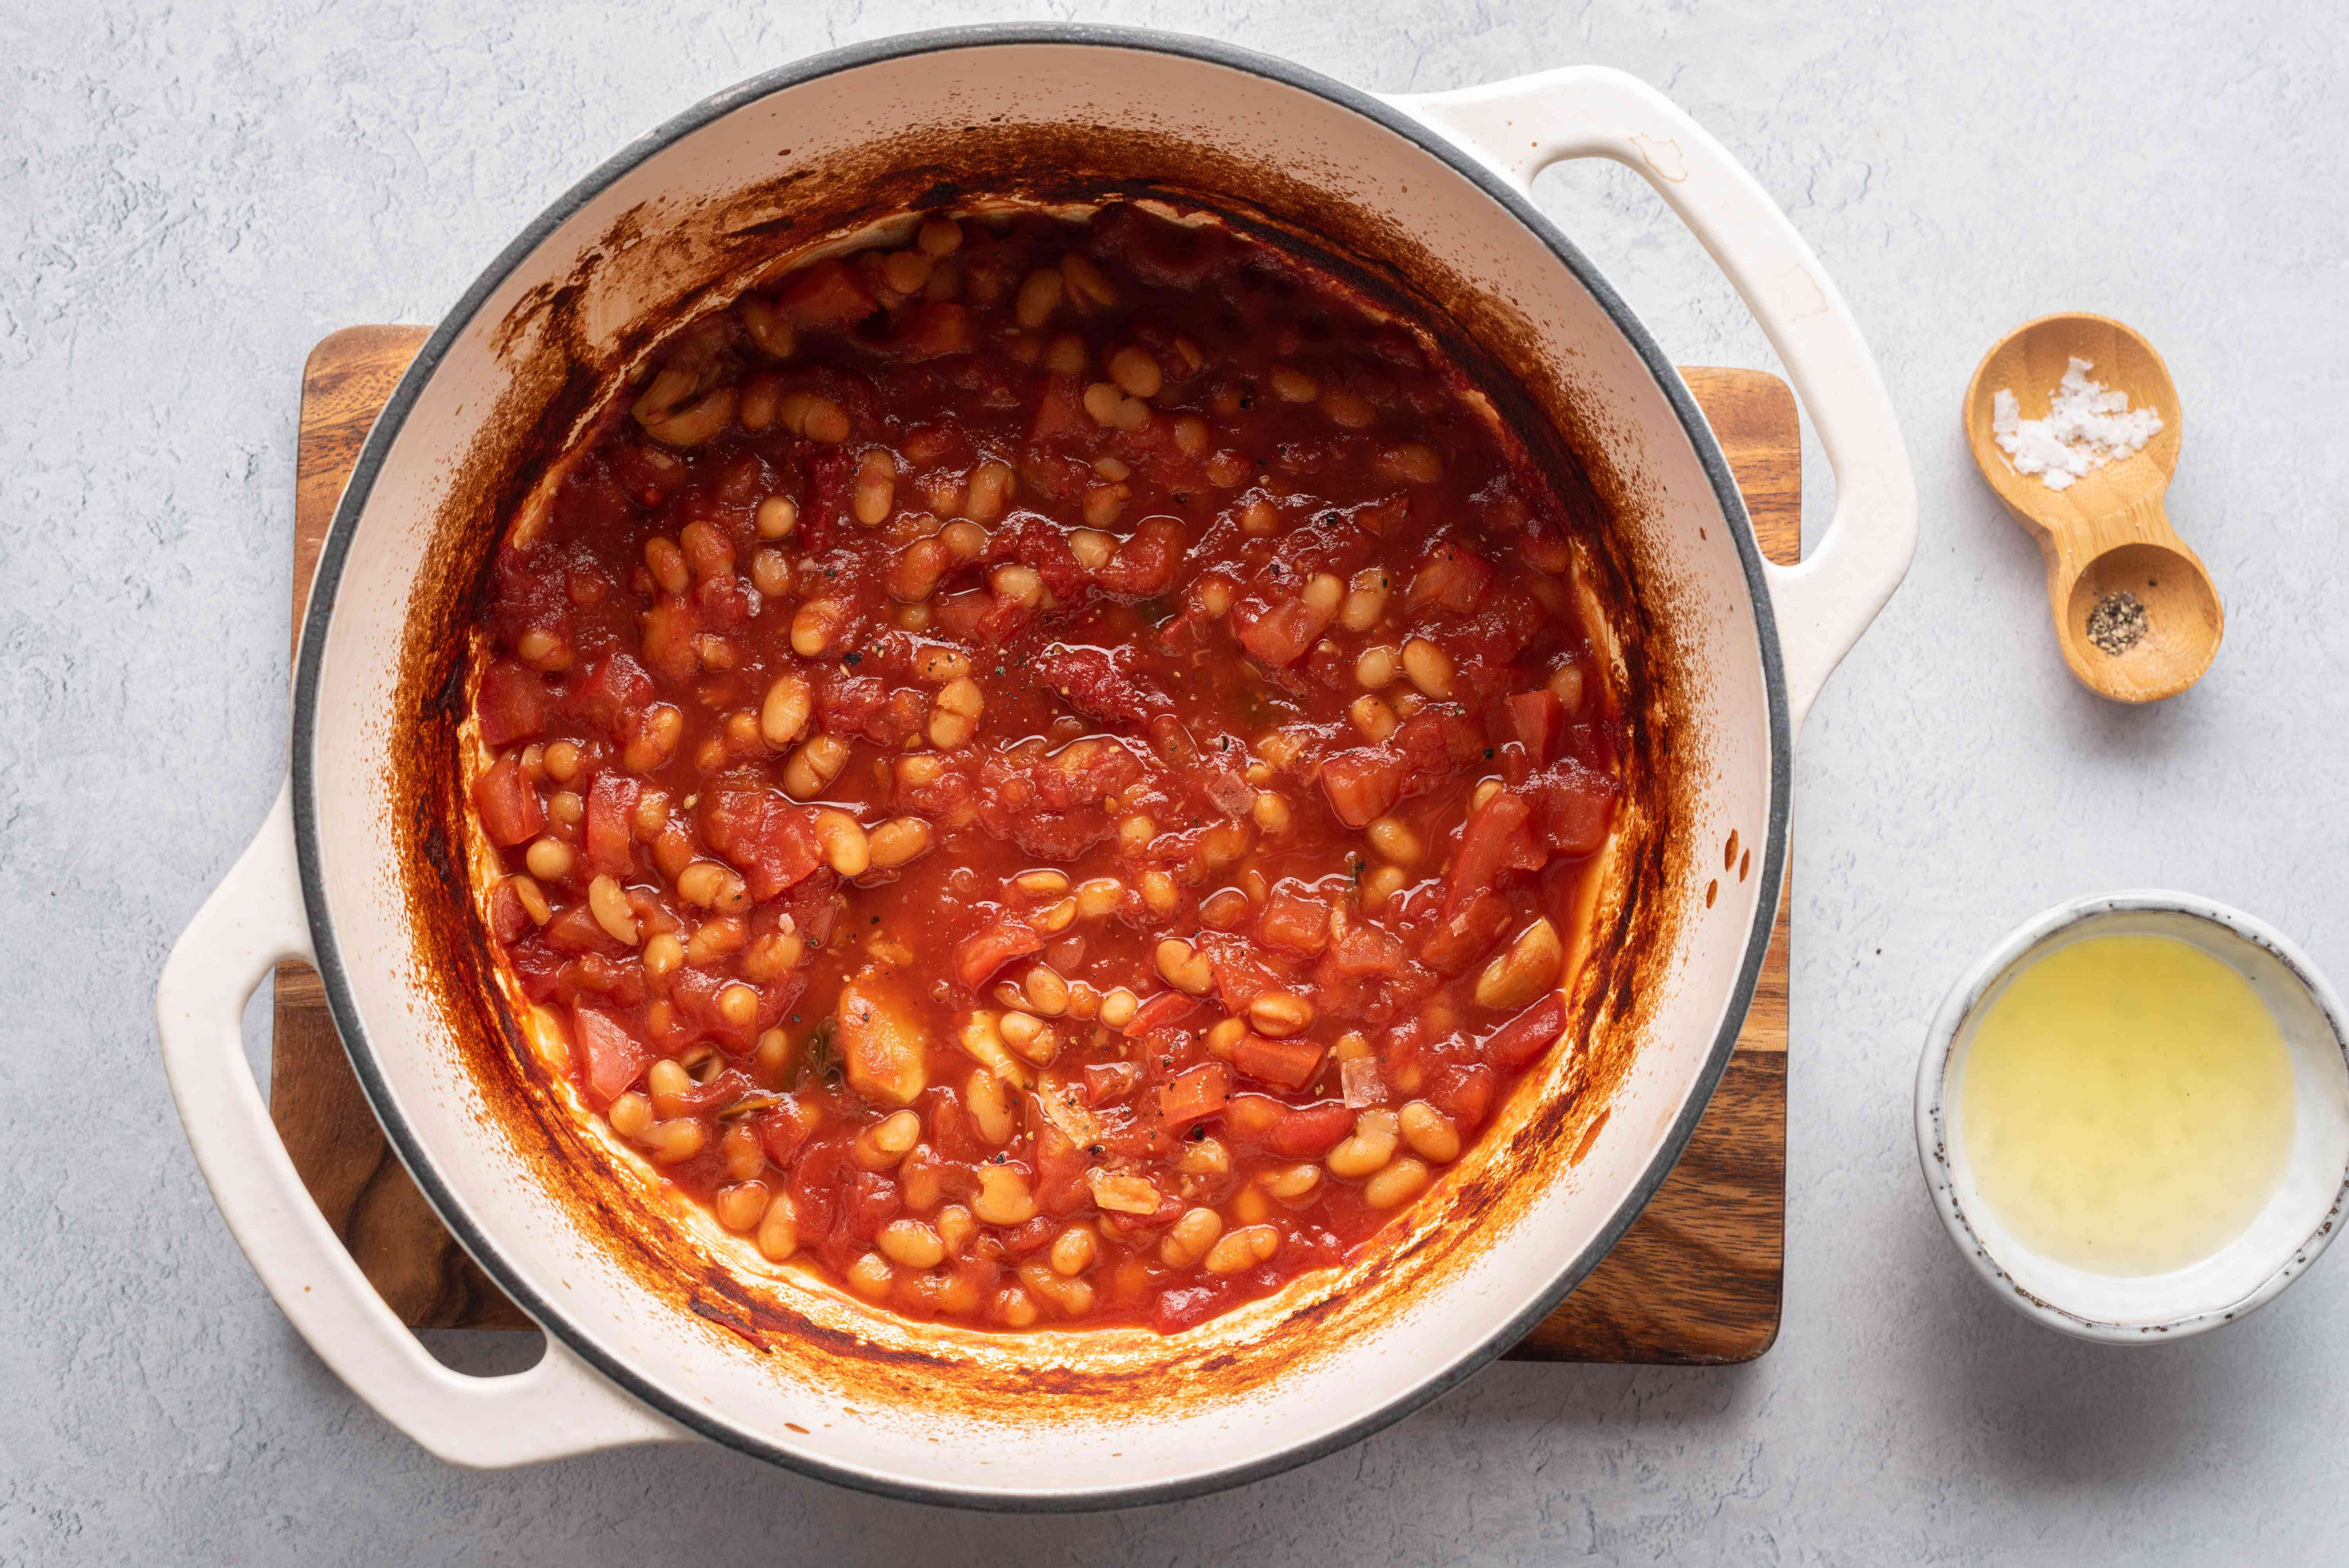 Homemade Irish Baked Beans in a pot